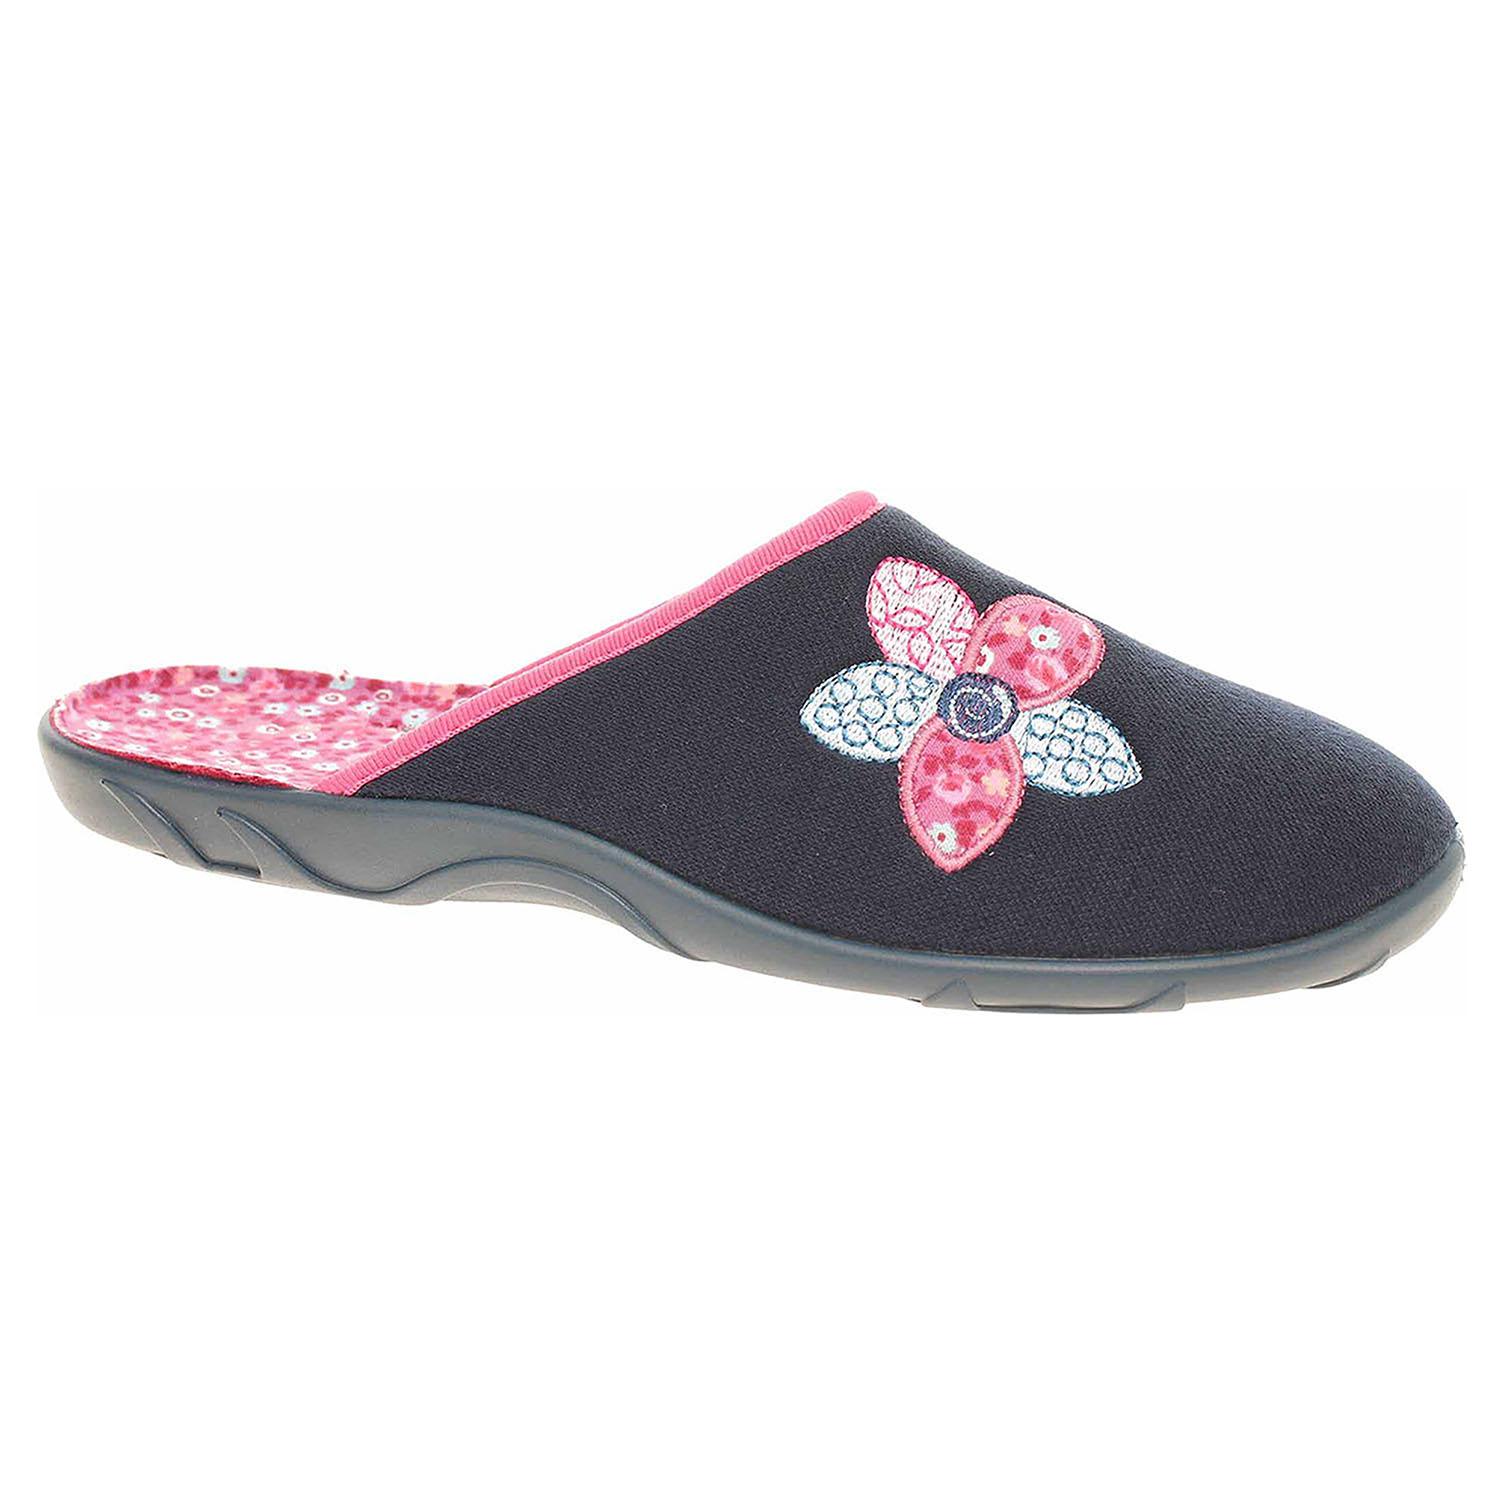 Dámské domácí pantofle Befado 235D154 modrá 235D154 38